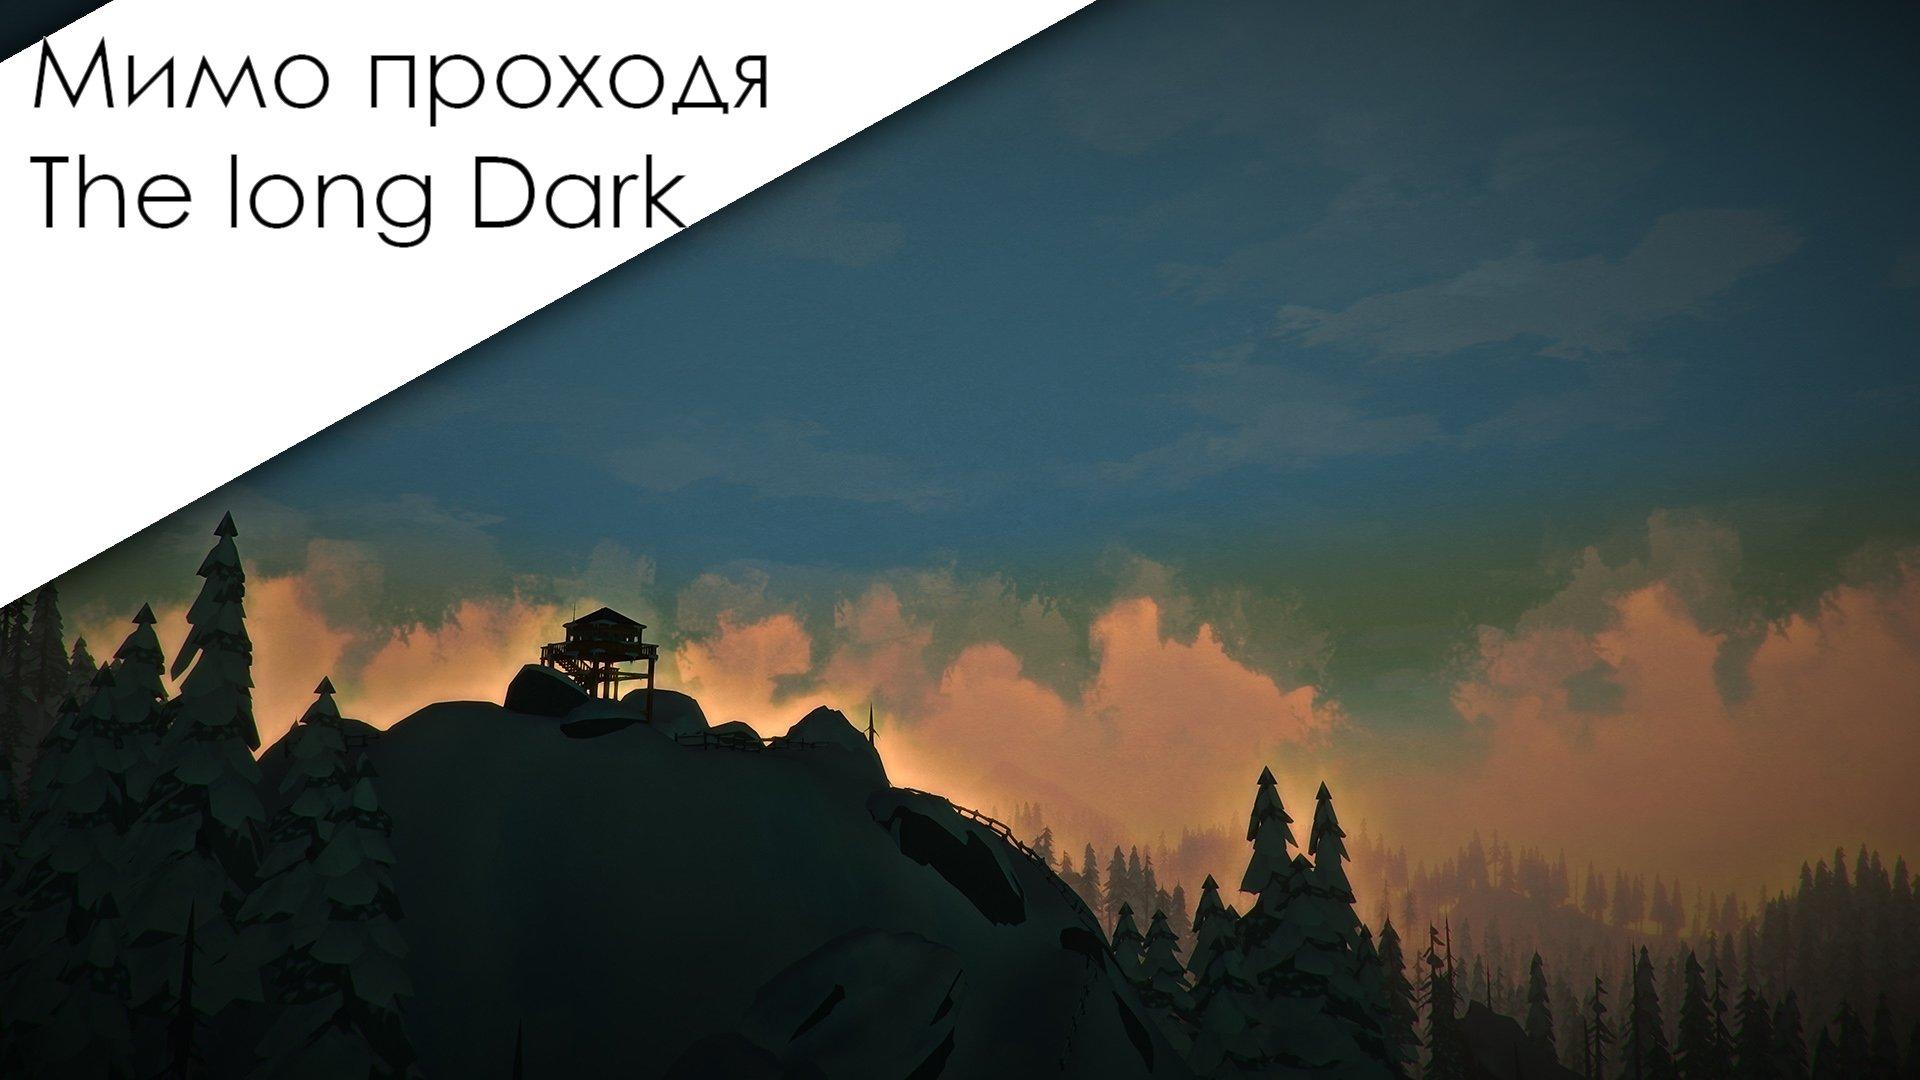 Мимо Проходя - The Long Dark - Изображение 1